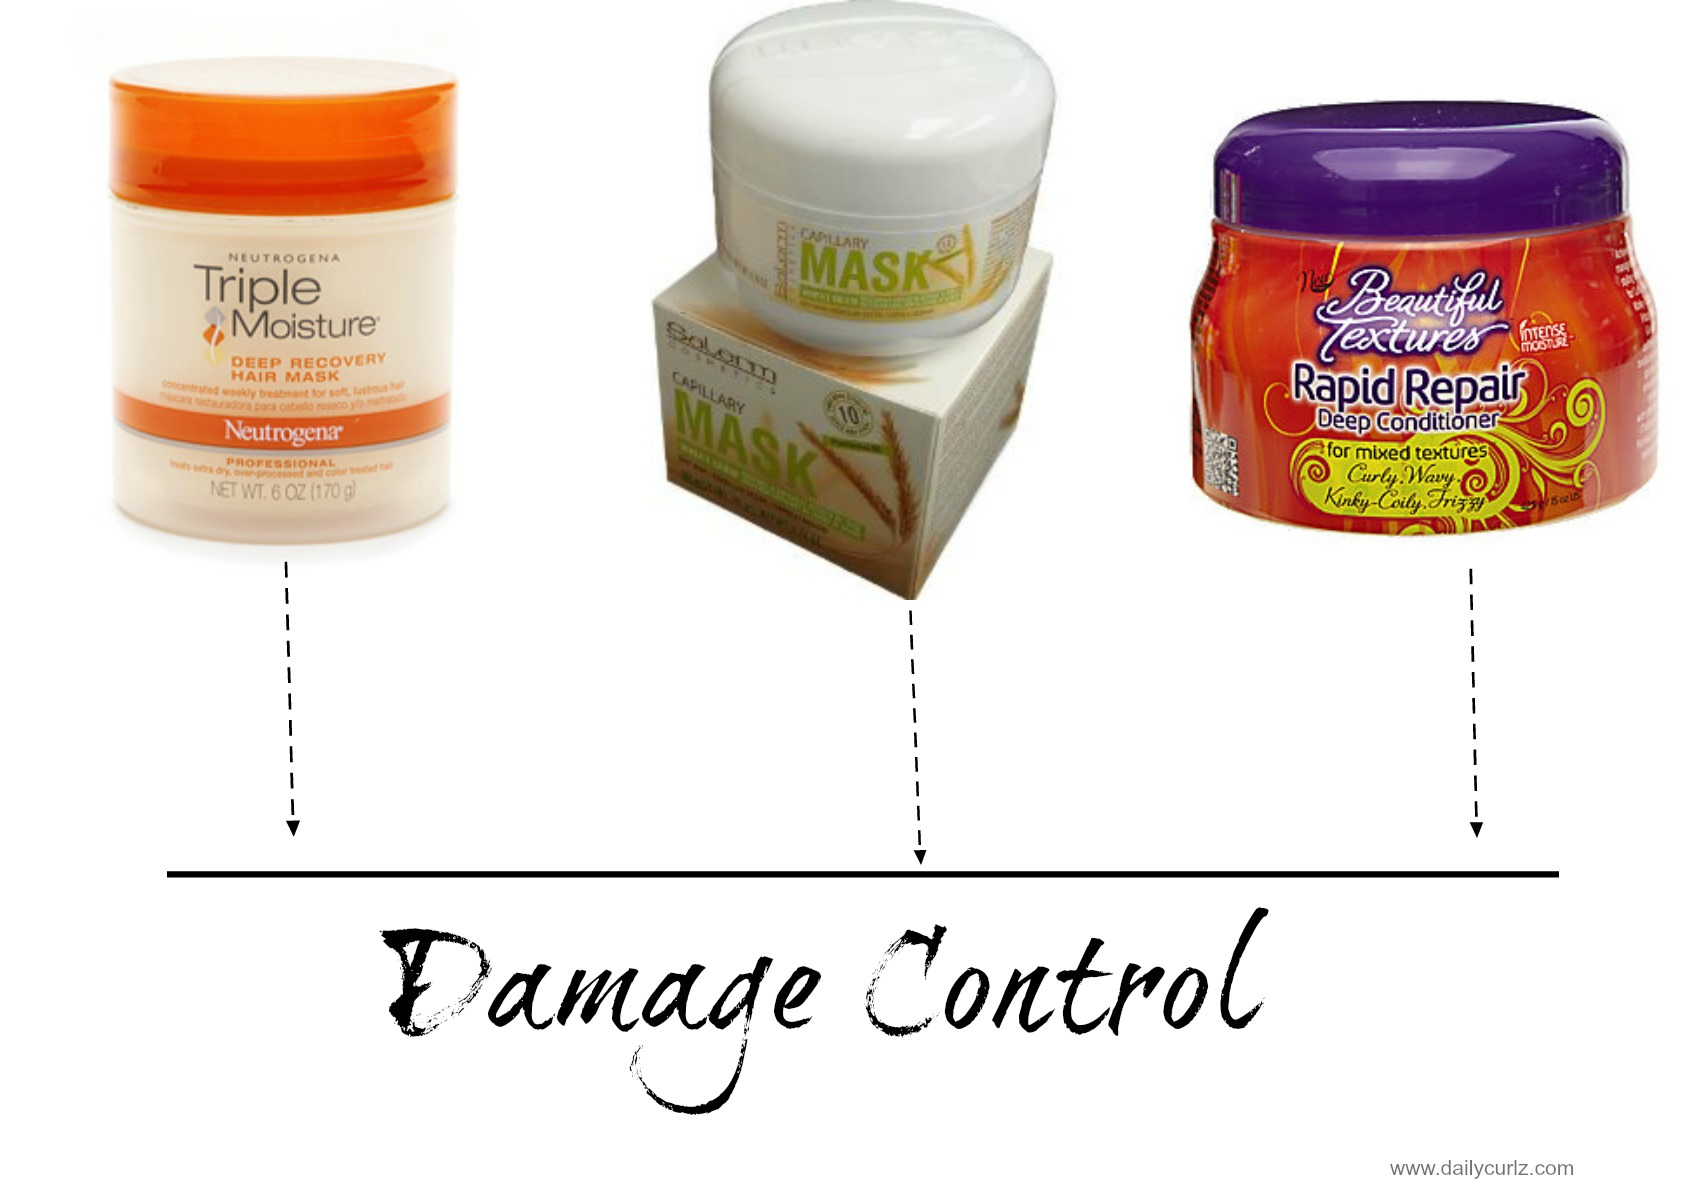 Hair Damage Control / Cabello Dañado SOS